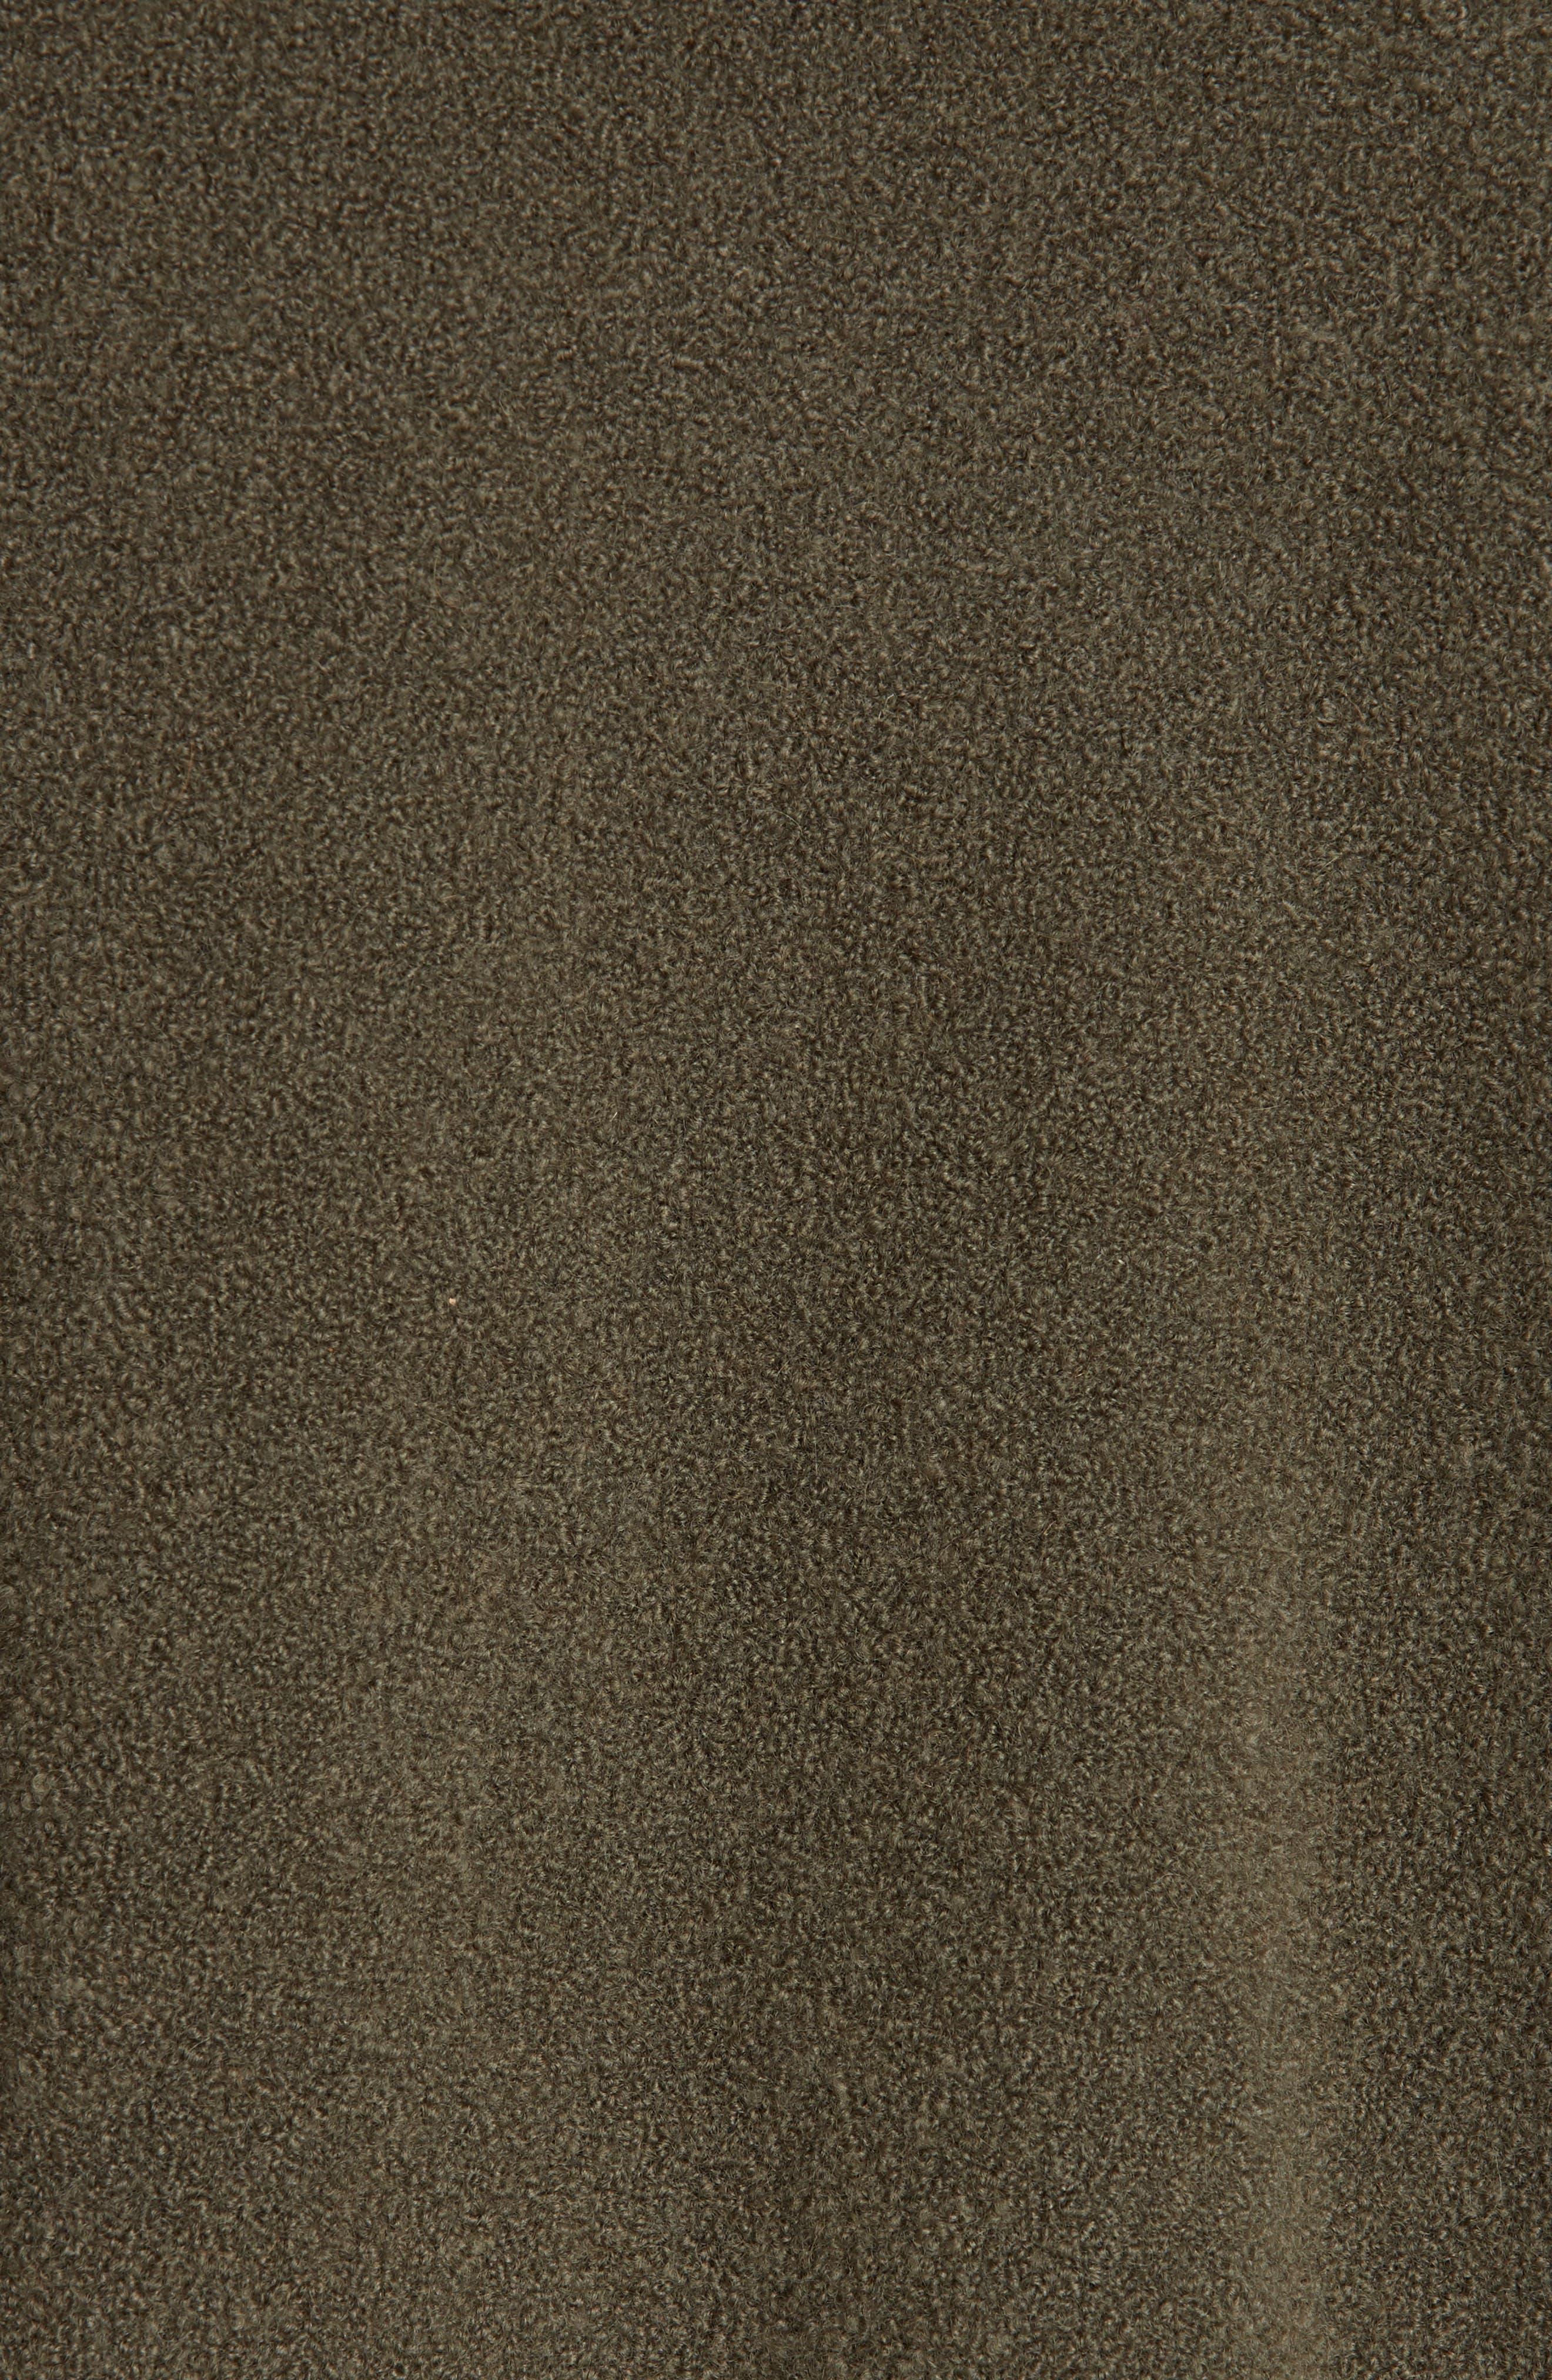 Cashmere Blend Bouclé Sweater,                             Alternate thumbnail 5, color,                             OLIVE IVY HEATHER